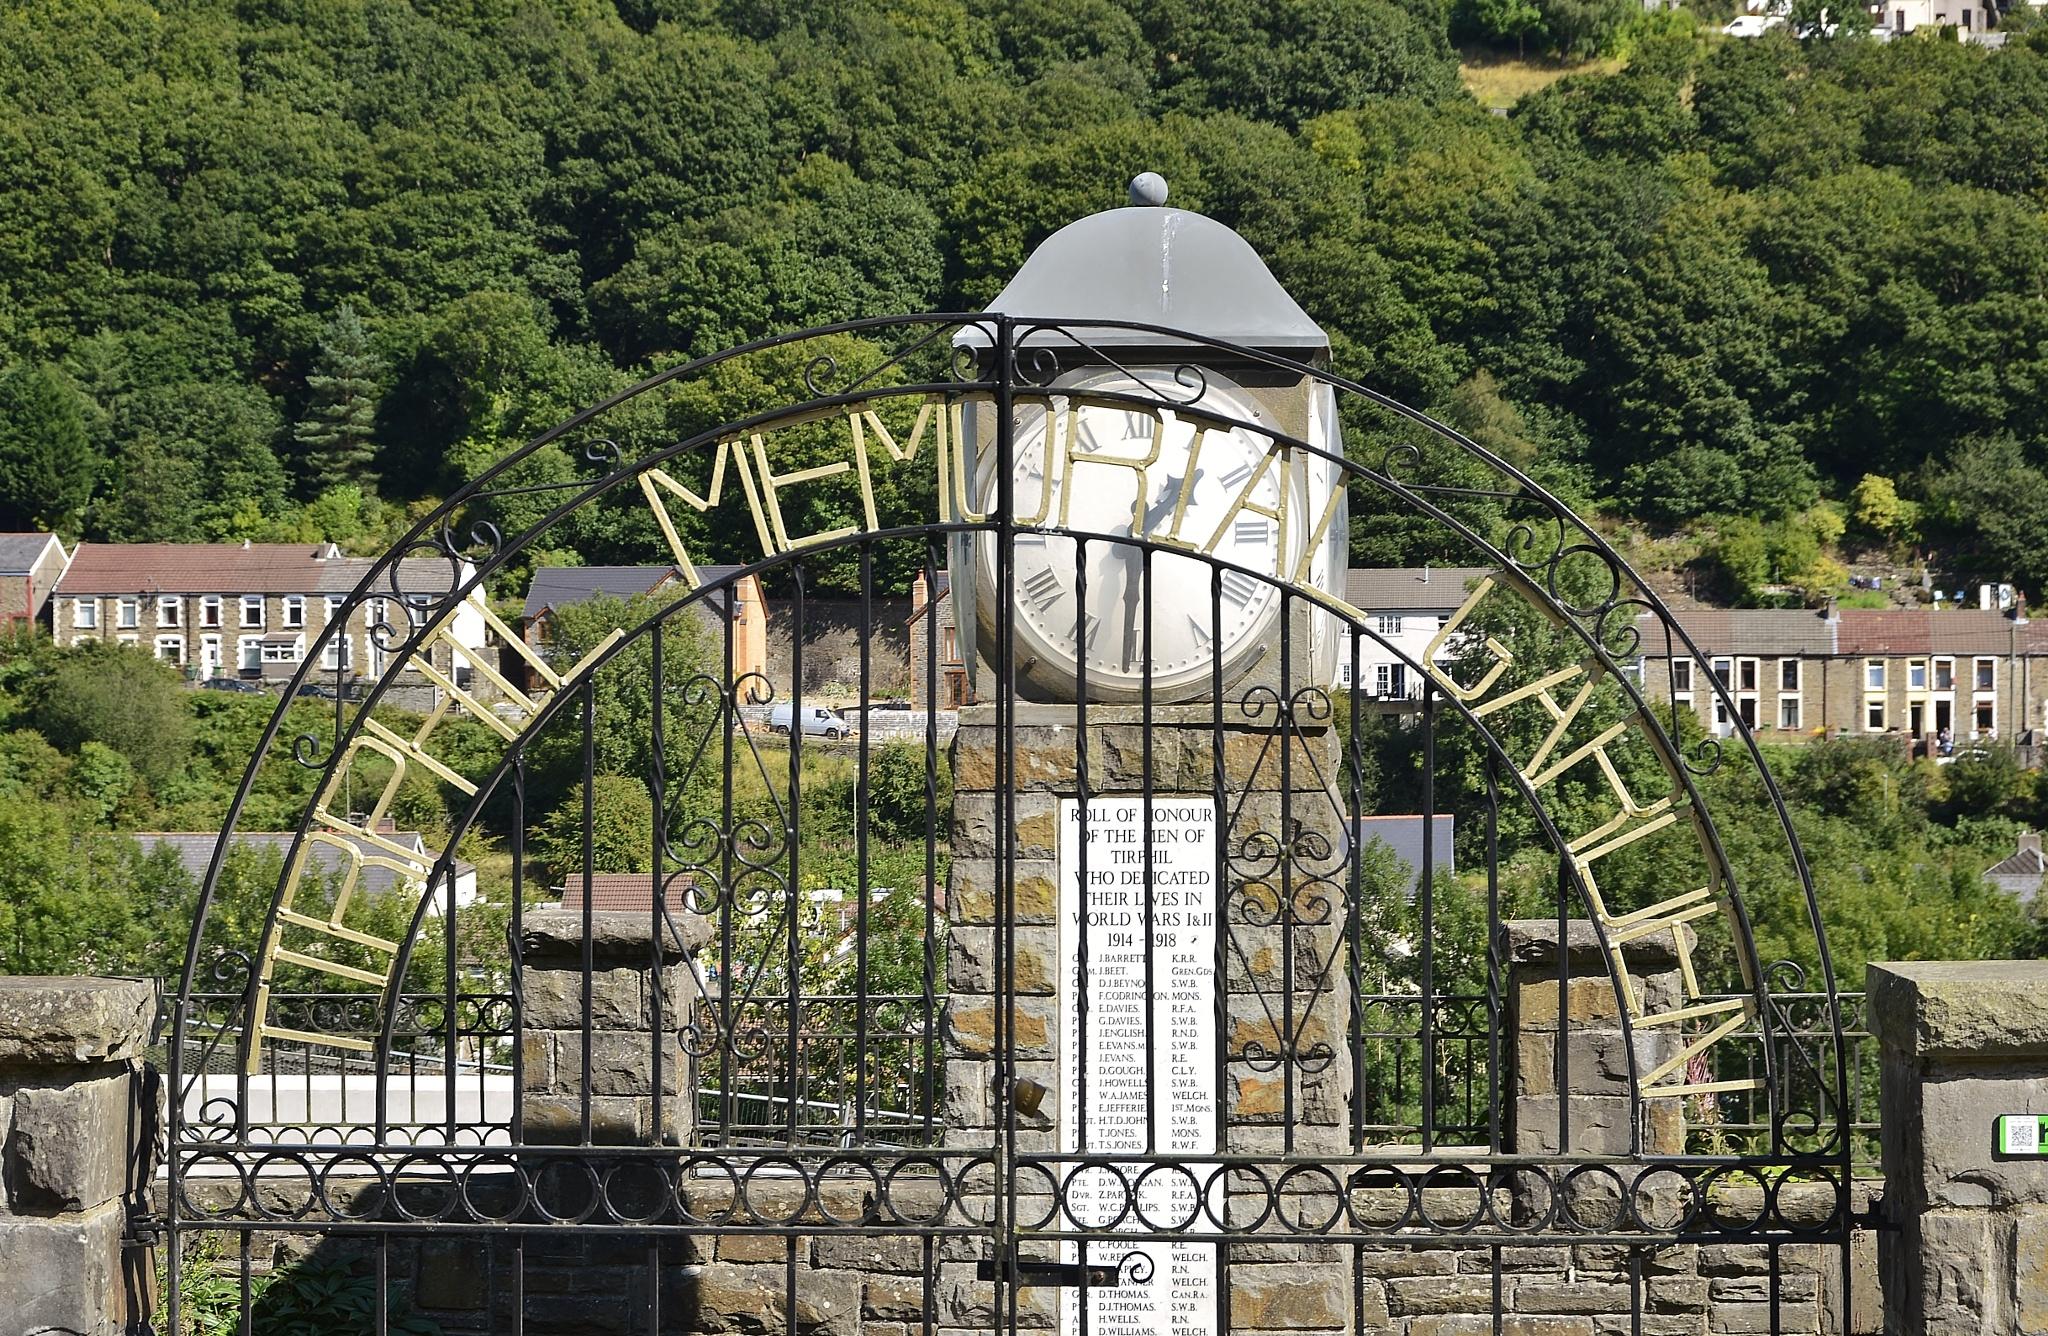 Tir-Phil Memorial by melaniehartshorn40